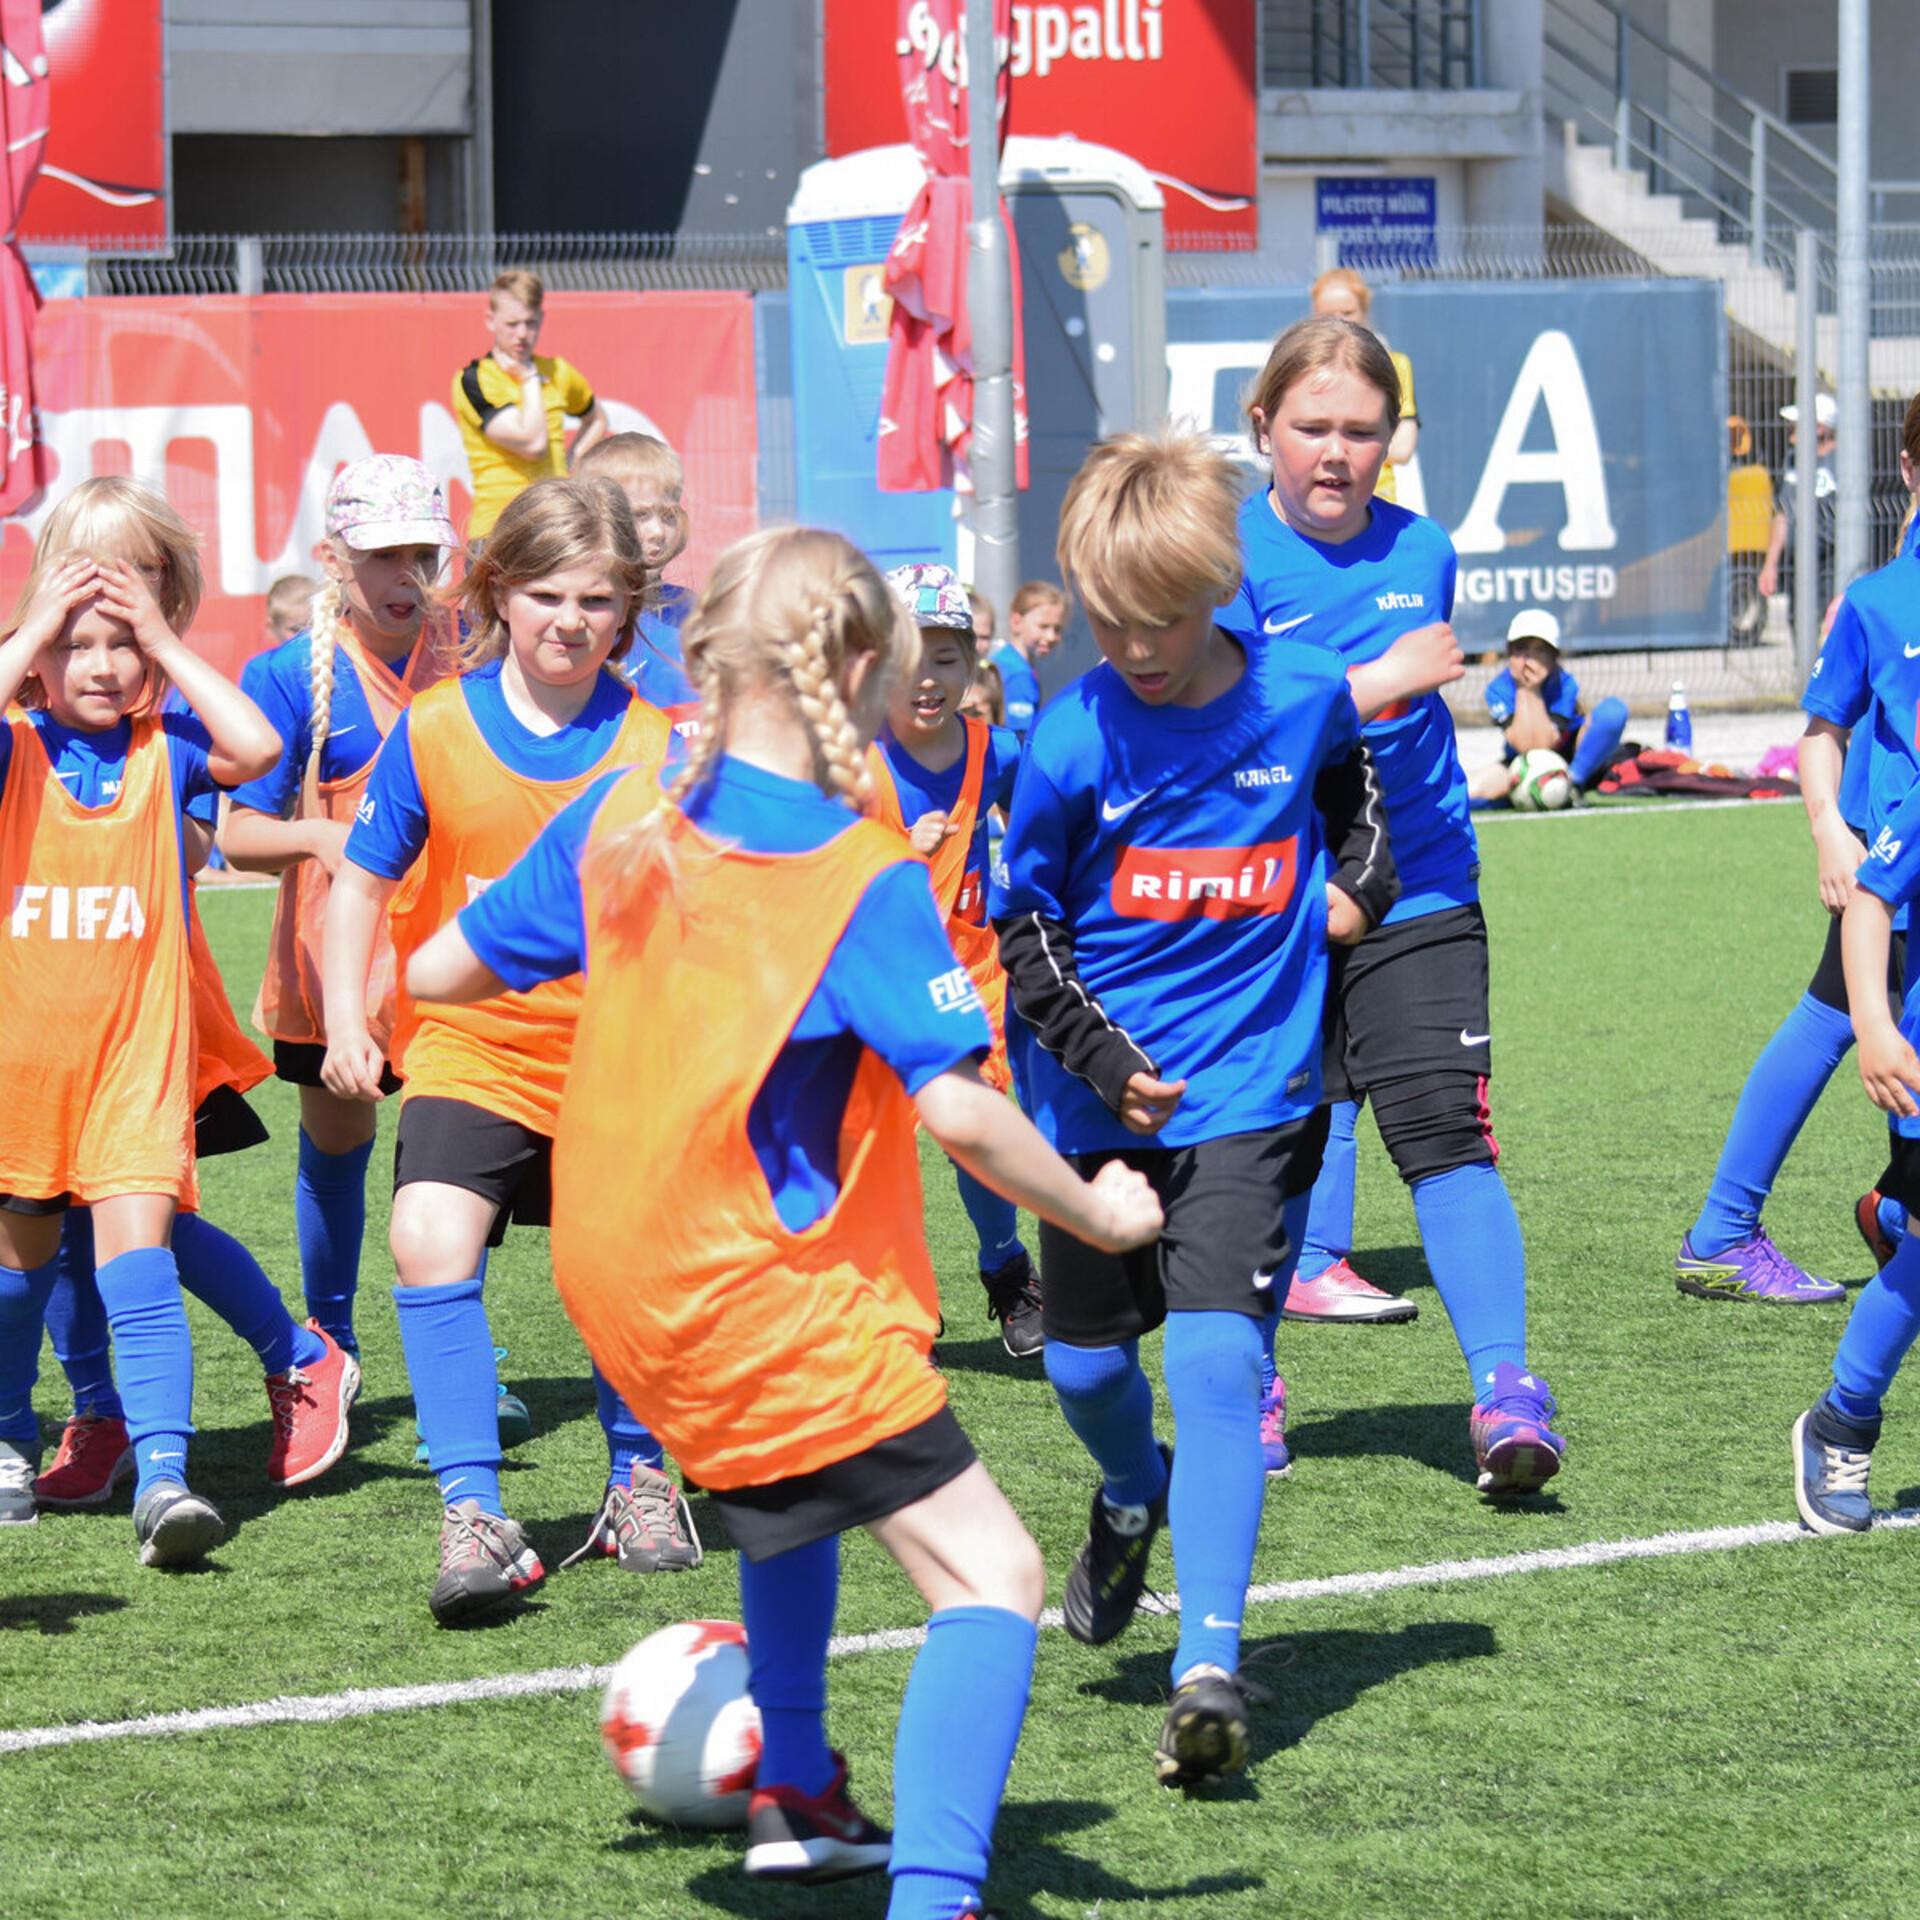 a892f2279f8 Rimi jalgpalli osavusfestivalidel algab neljas hooaeg | Jalgpall | ERR